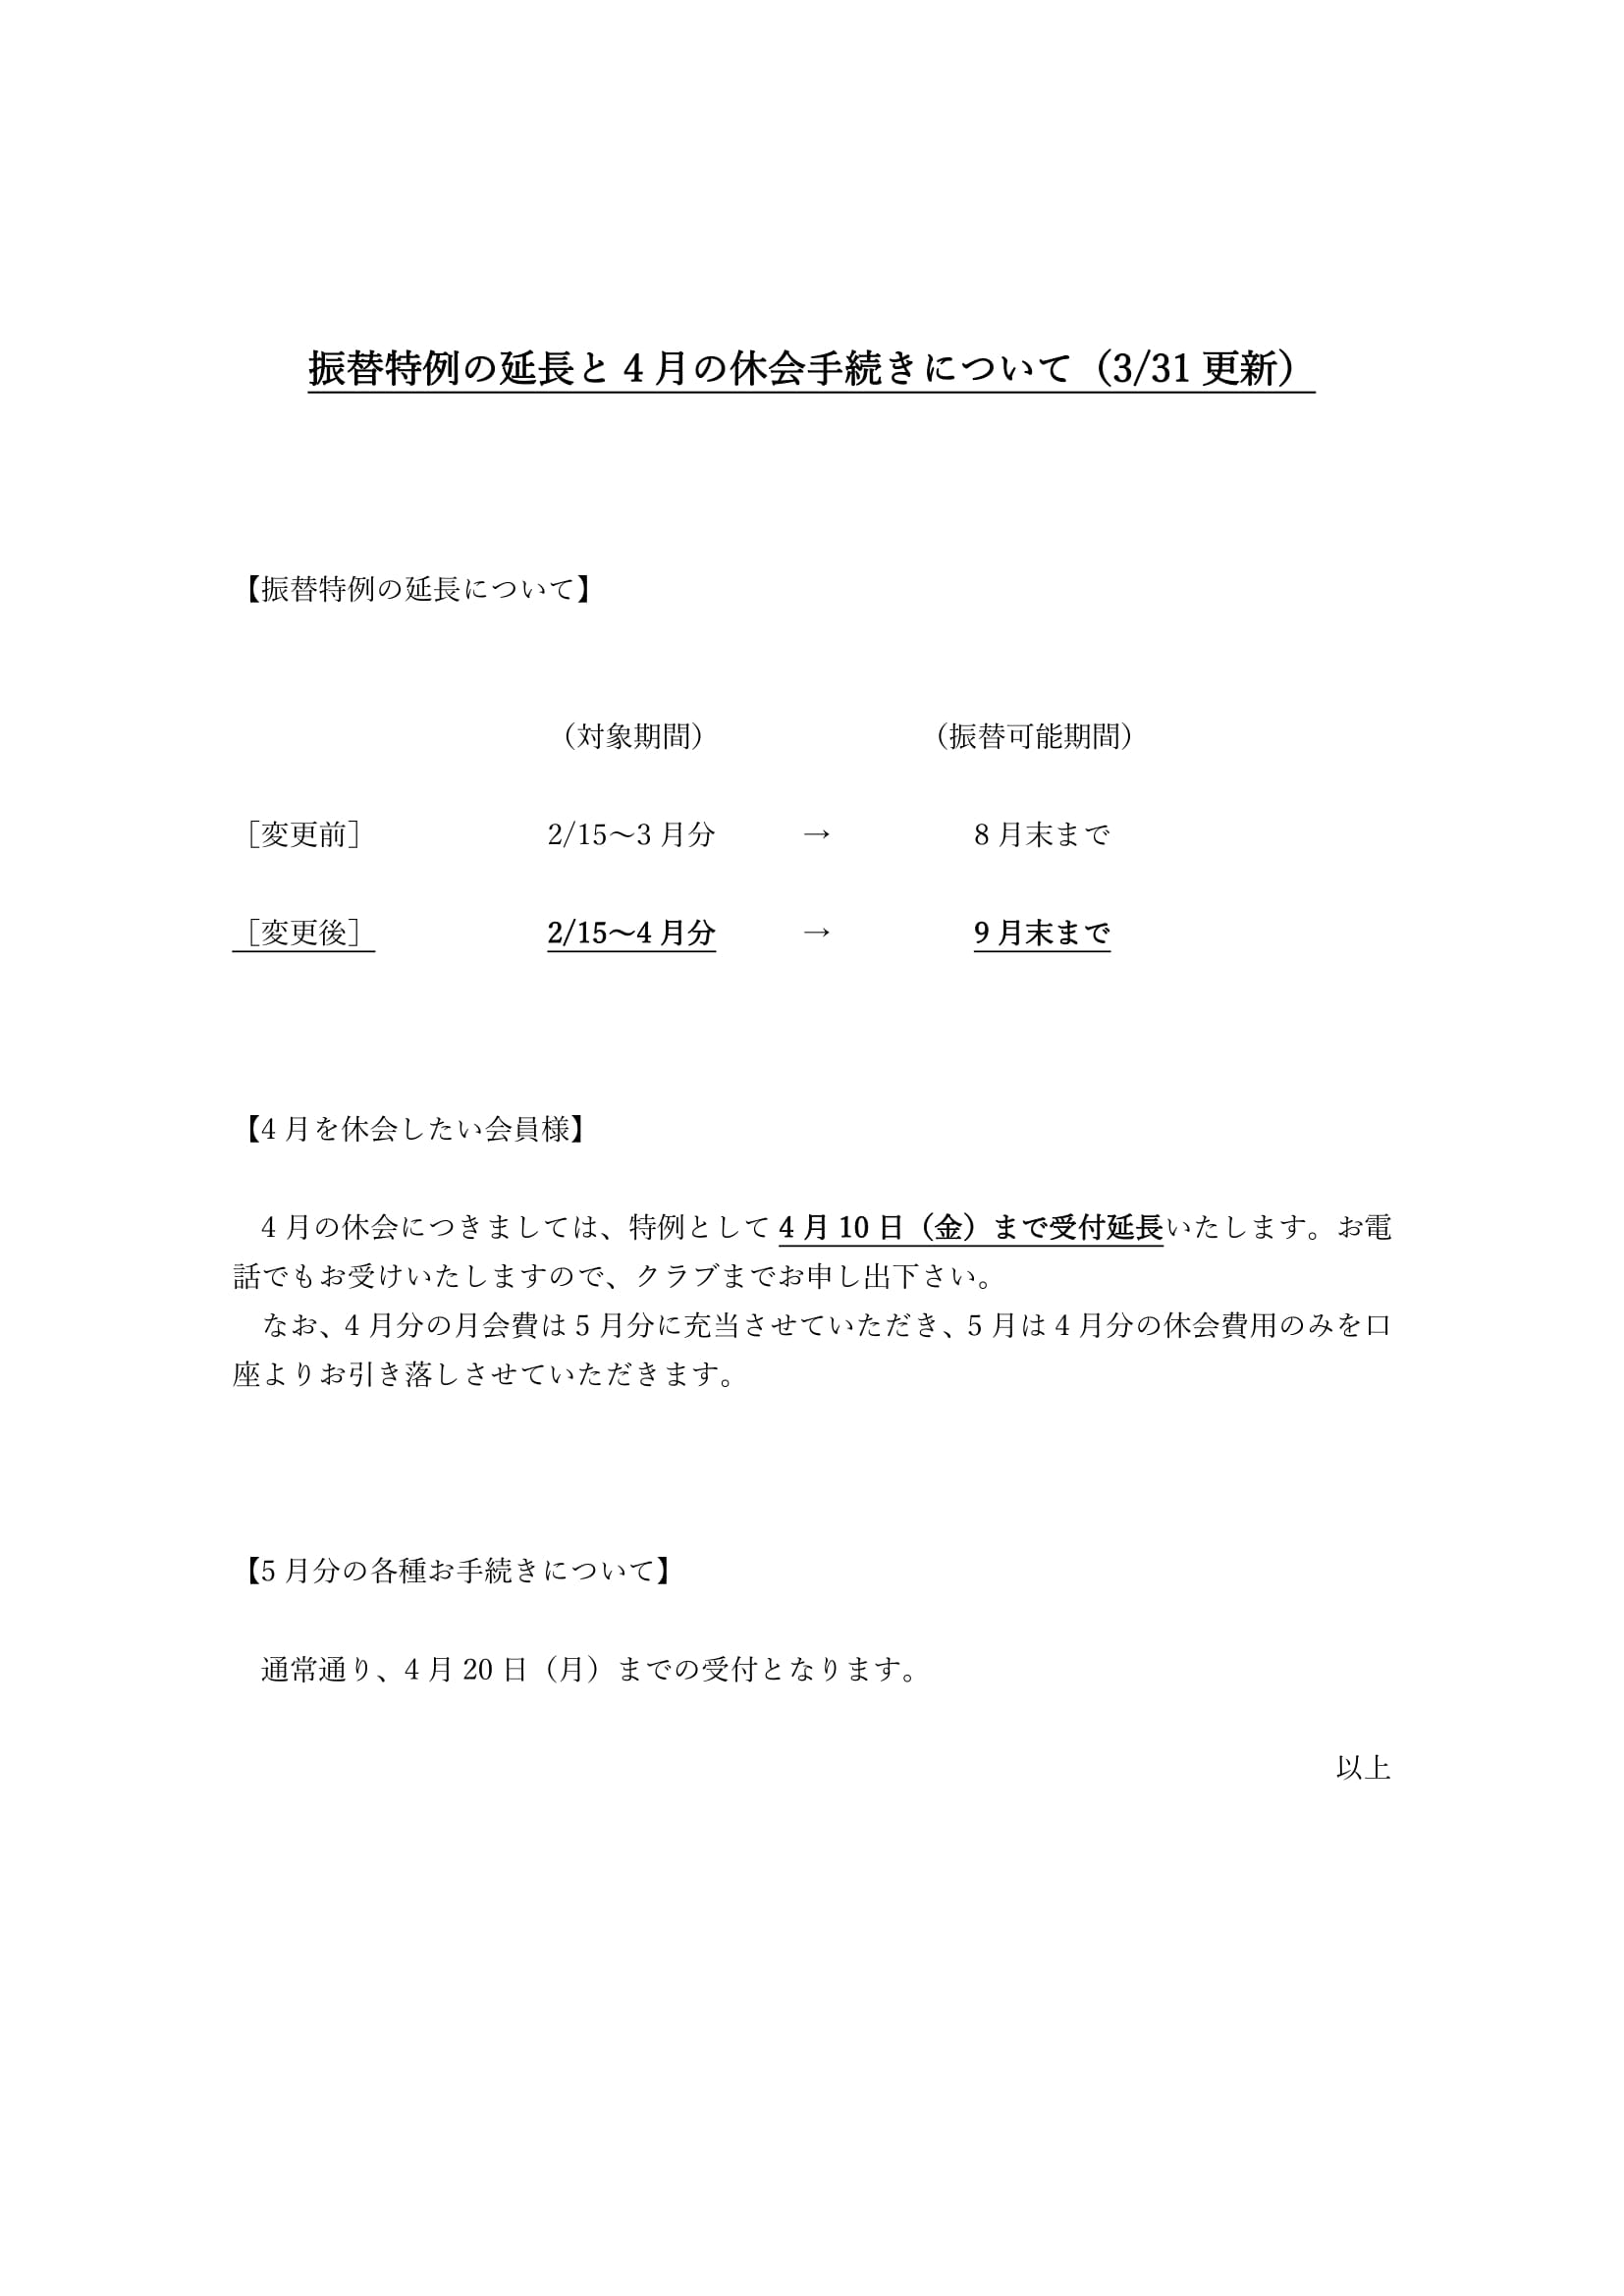 西新井・舎人 振替特例の延長と4月休会手続きについて(3/31更新)